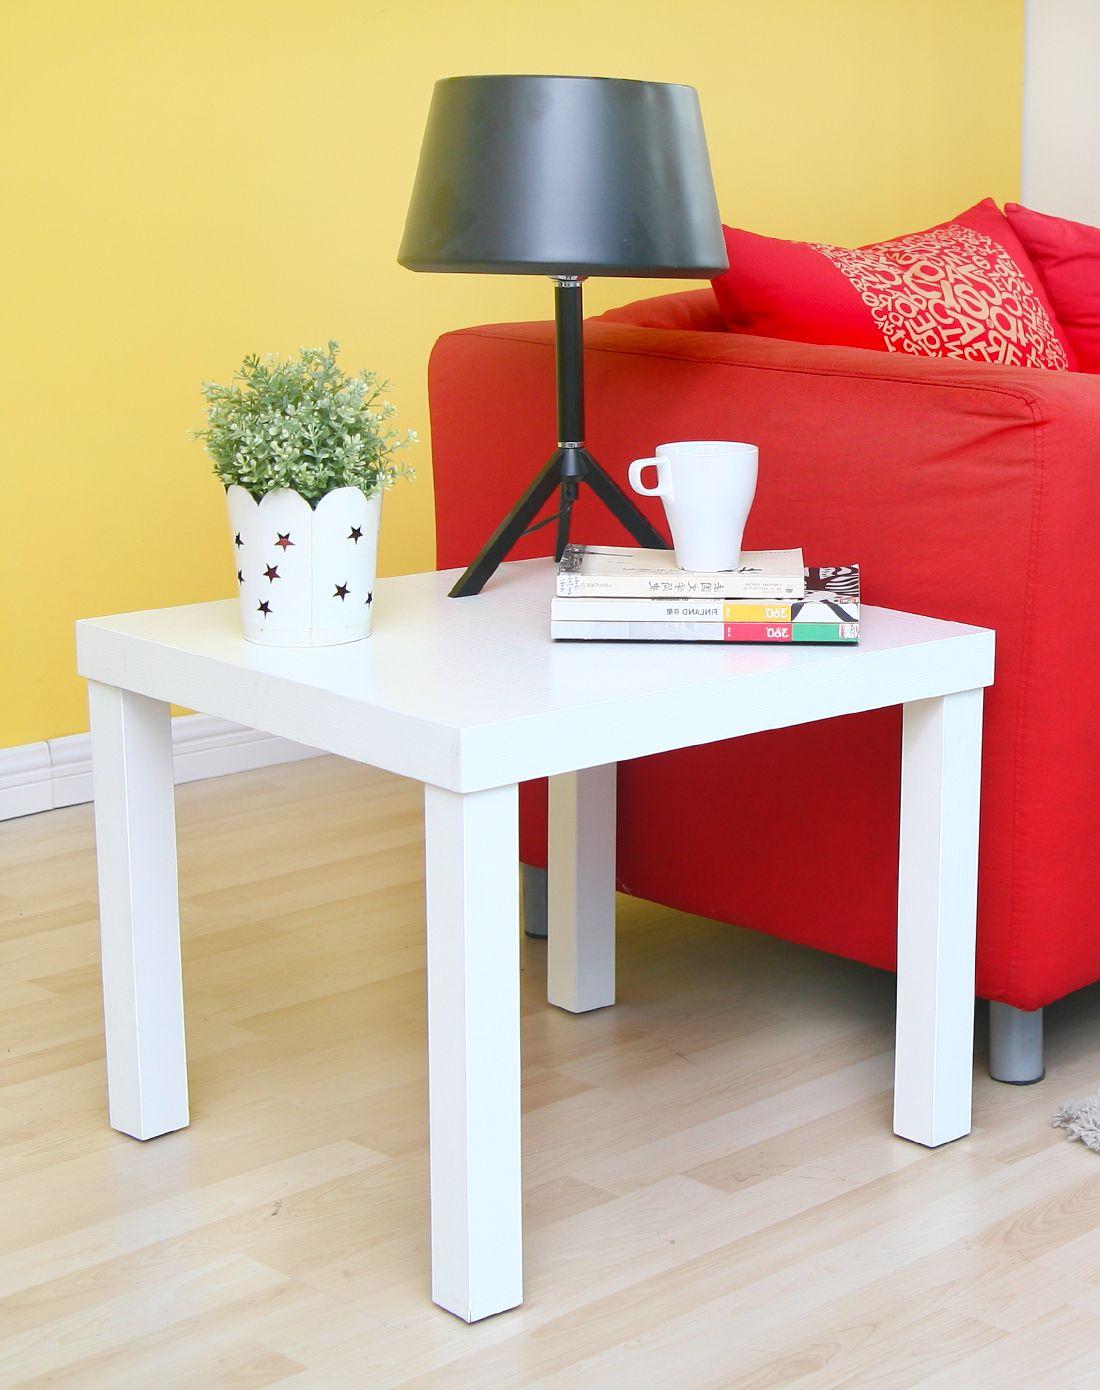 天津白橡木餐桌椅供应商哪家好-欧式白橡木家具